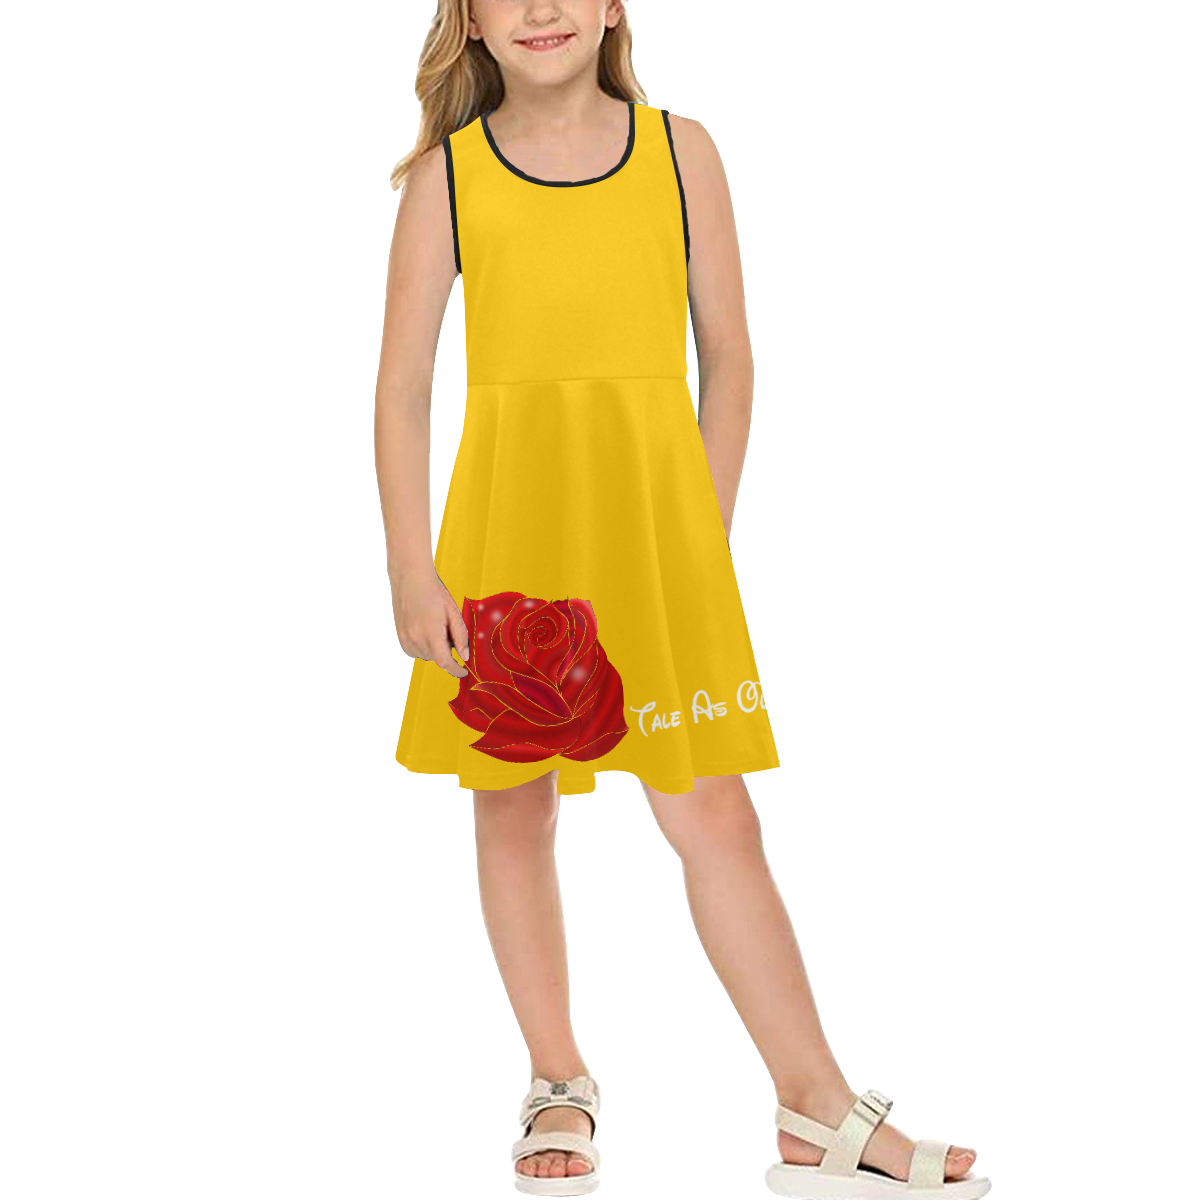 La Belle Girls' Sleeveless Sundress (Model D56)